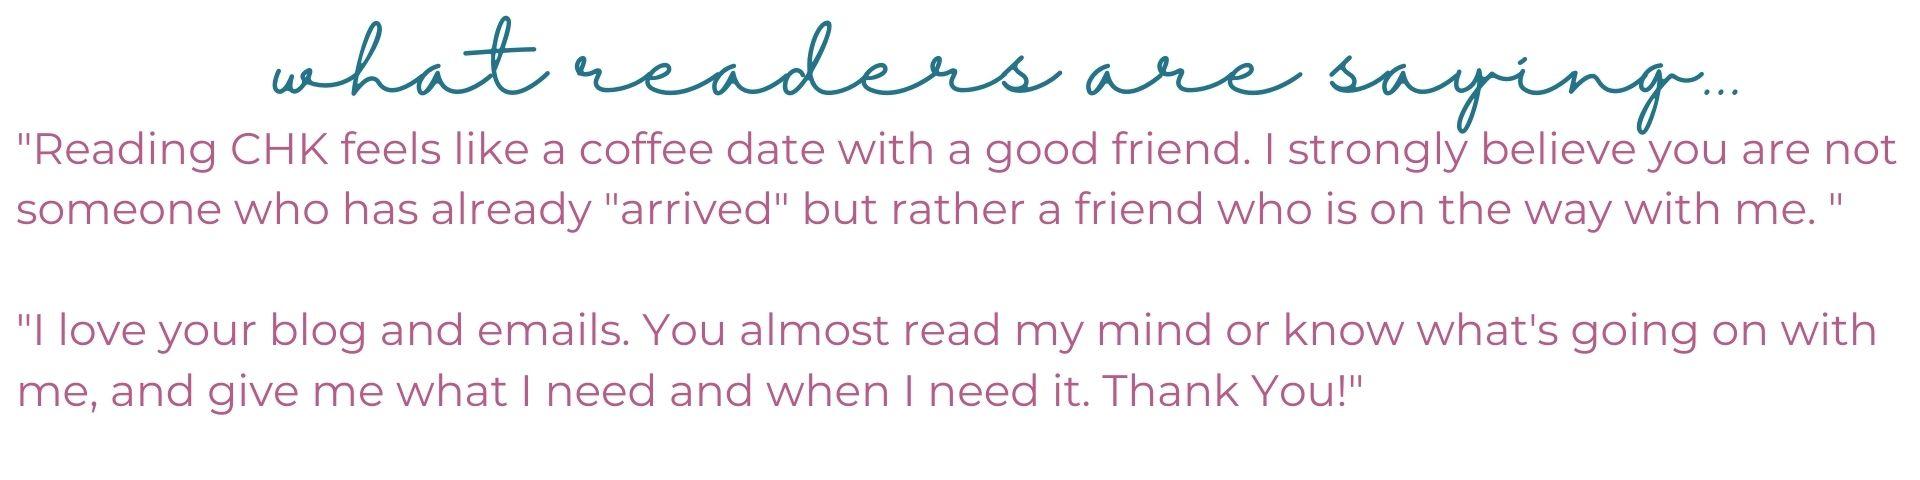 Reader Testimonial 3